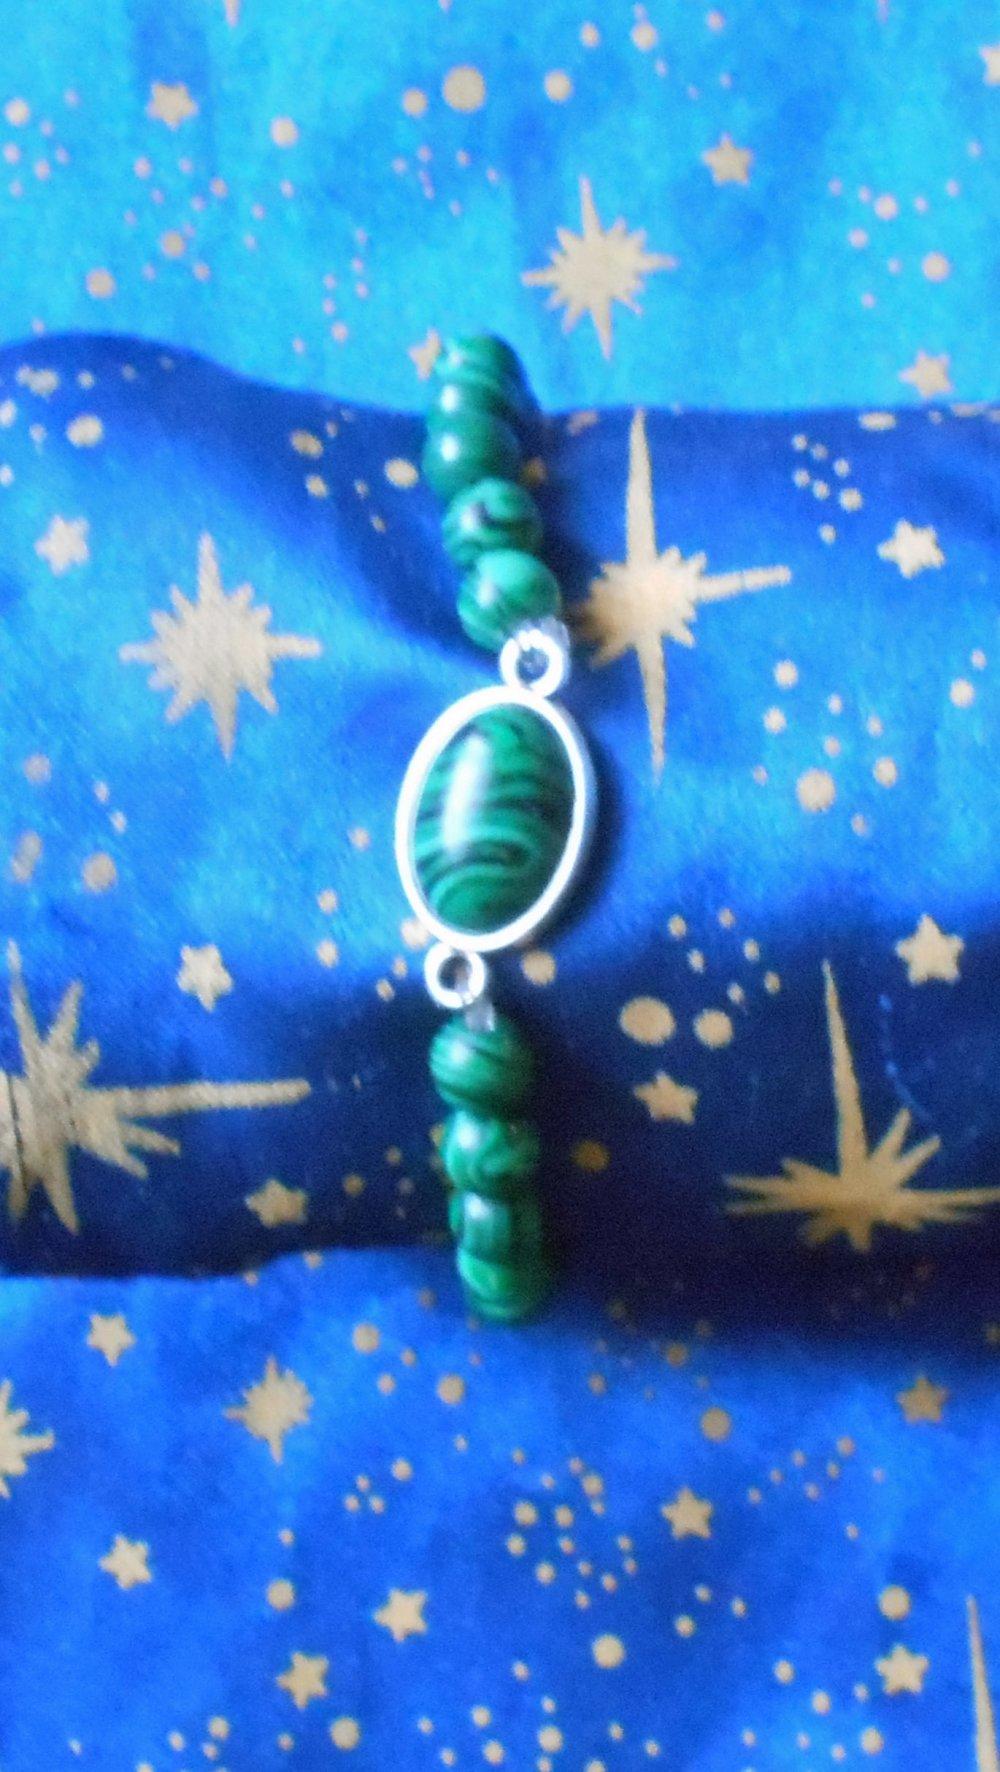 Bracelet en alliage argent/étain avec malachite de 10x14mm et perles en malachite véritables en provenance de Russie.